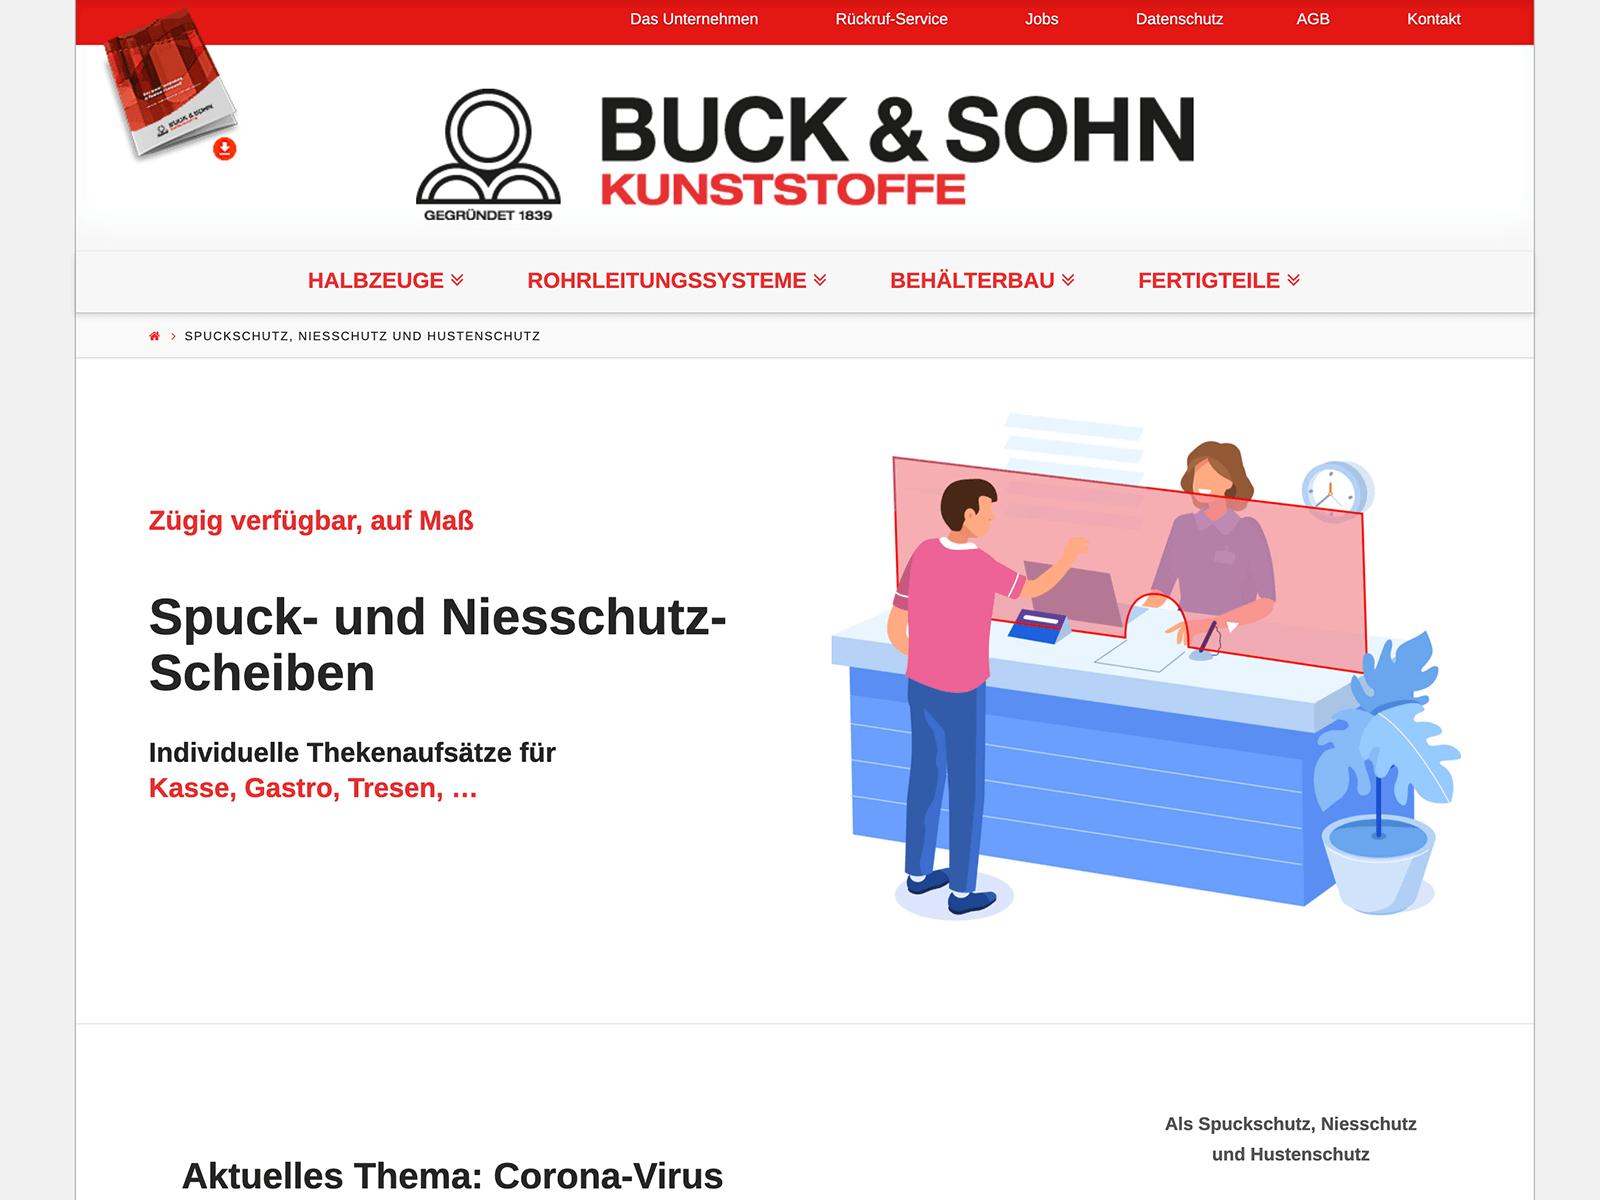 Adhoc Adwords-Kampagne Buck-Sohn Kunststoffe